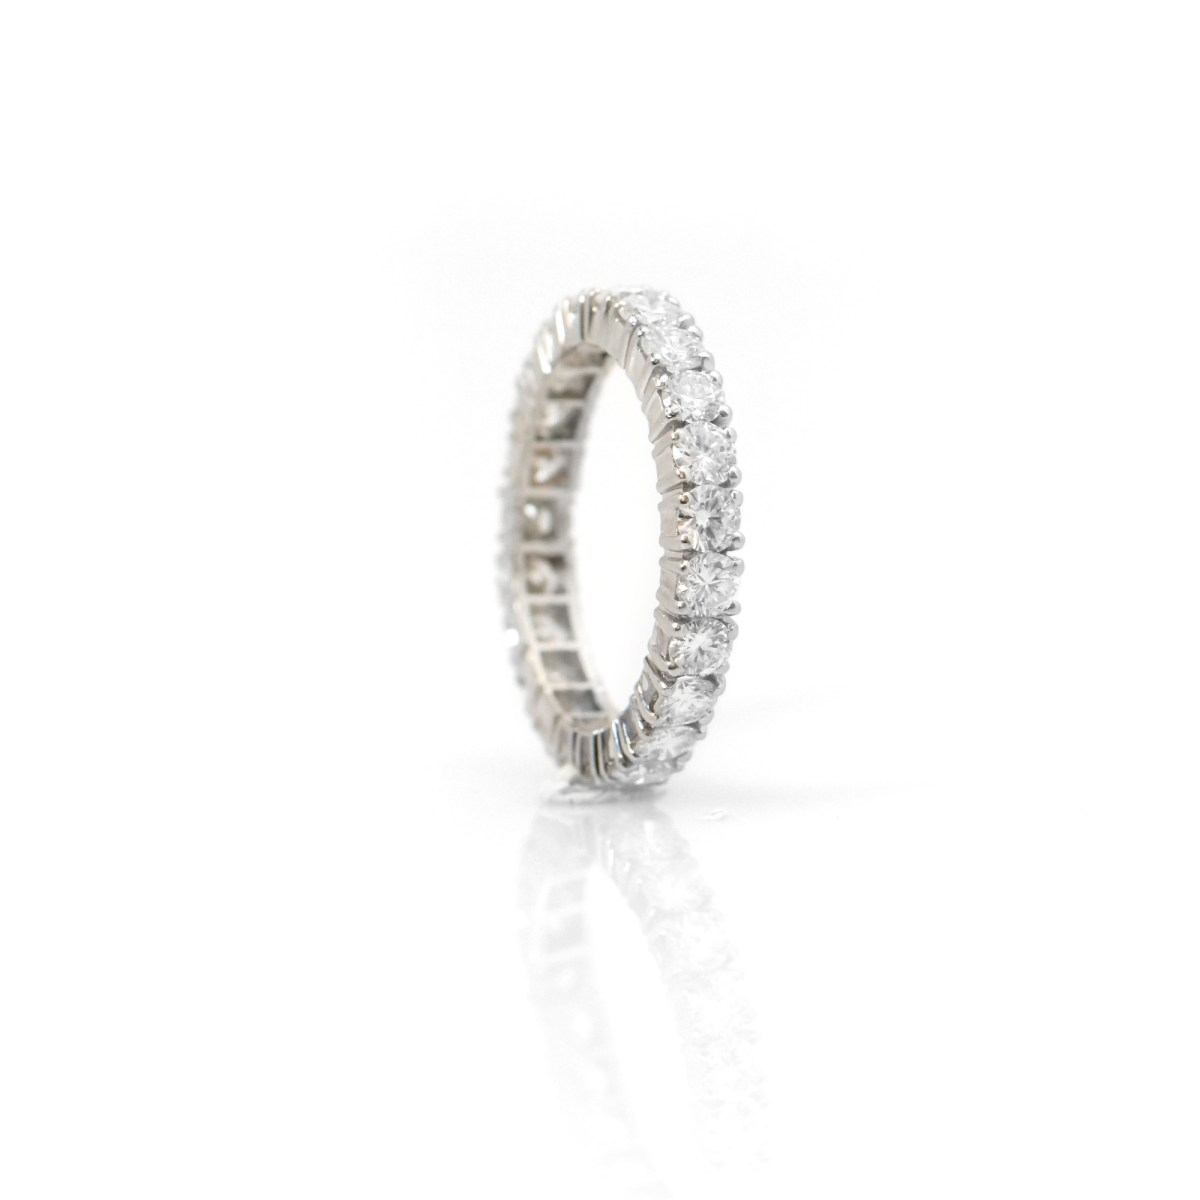 Alliance américaine diamants et platine |Référence : BA-B18623 |EVENOR, Joaillerie spécialiste en bijoux vintage et d'occasion